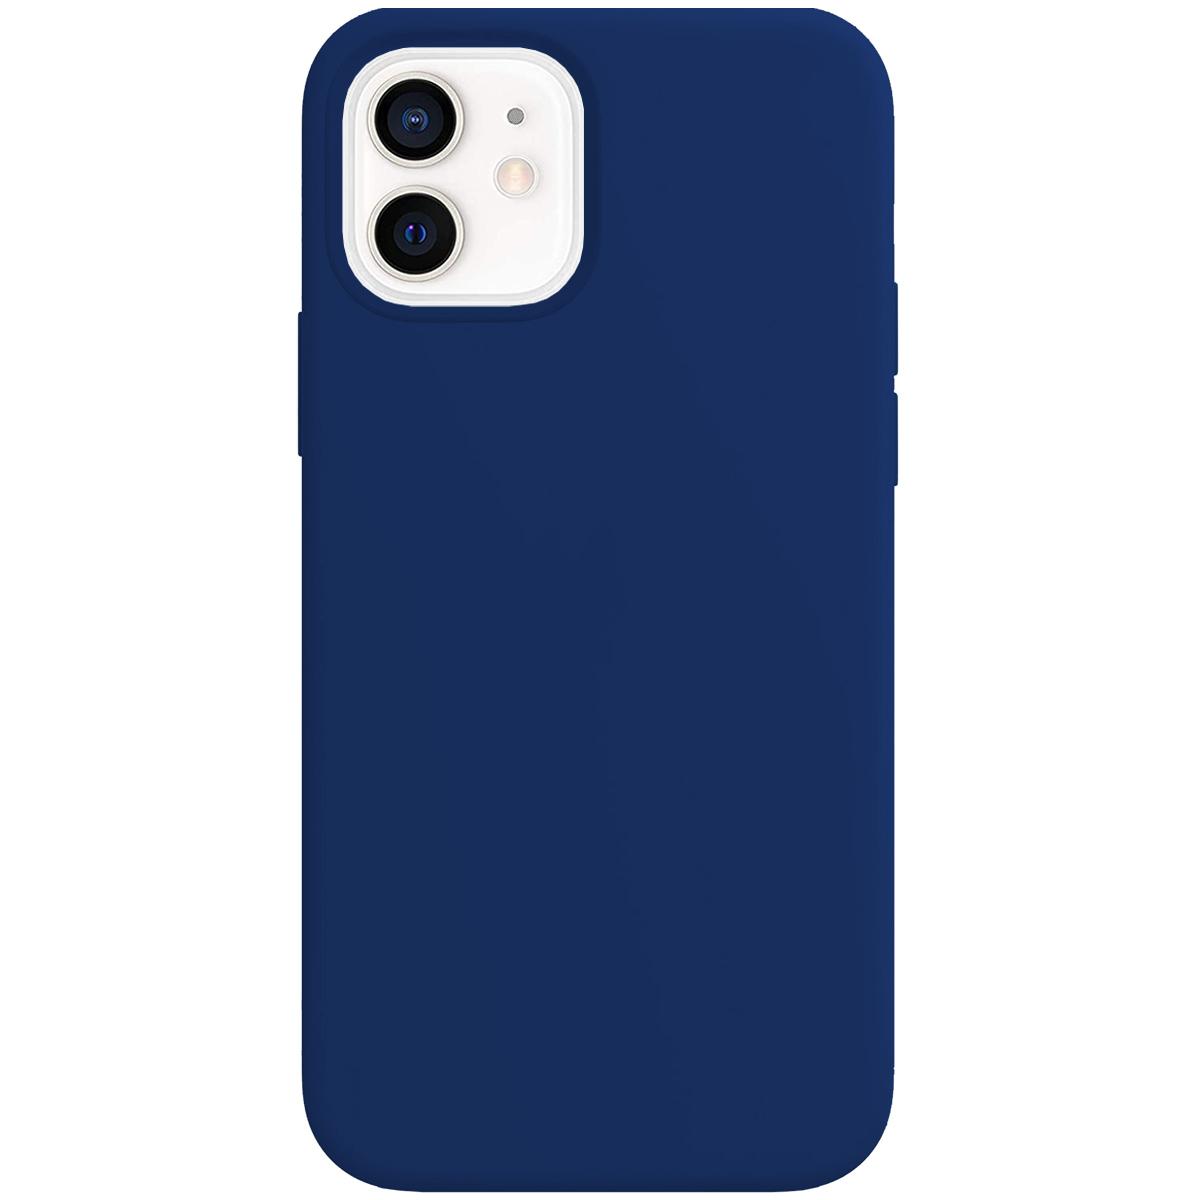 Buff iPhone 12 / 12 Pro Rubber S Kılıf Navy Blue